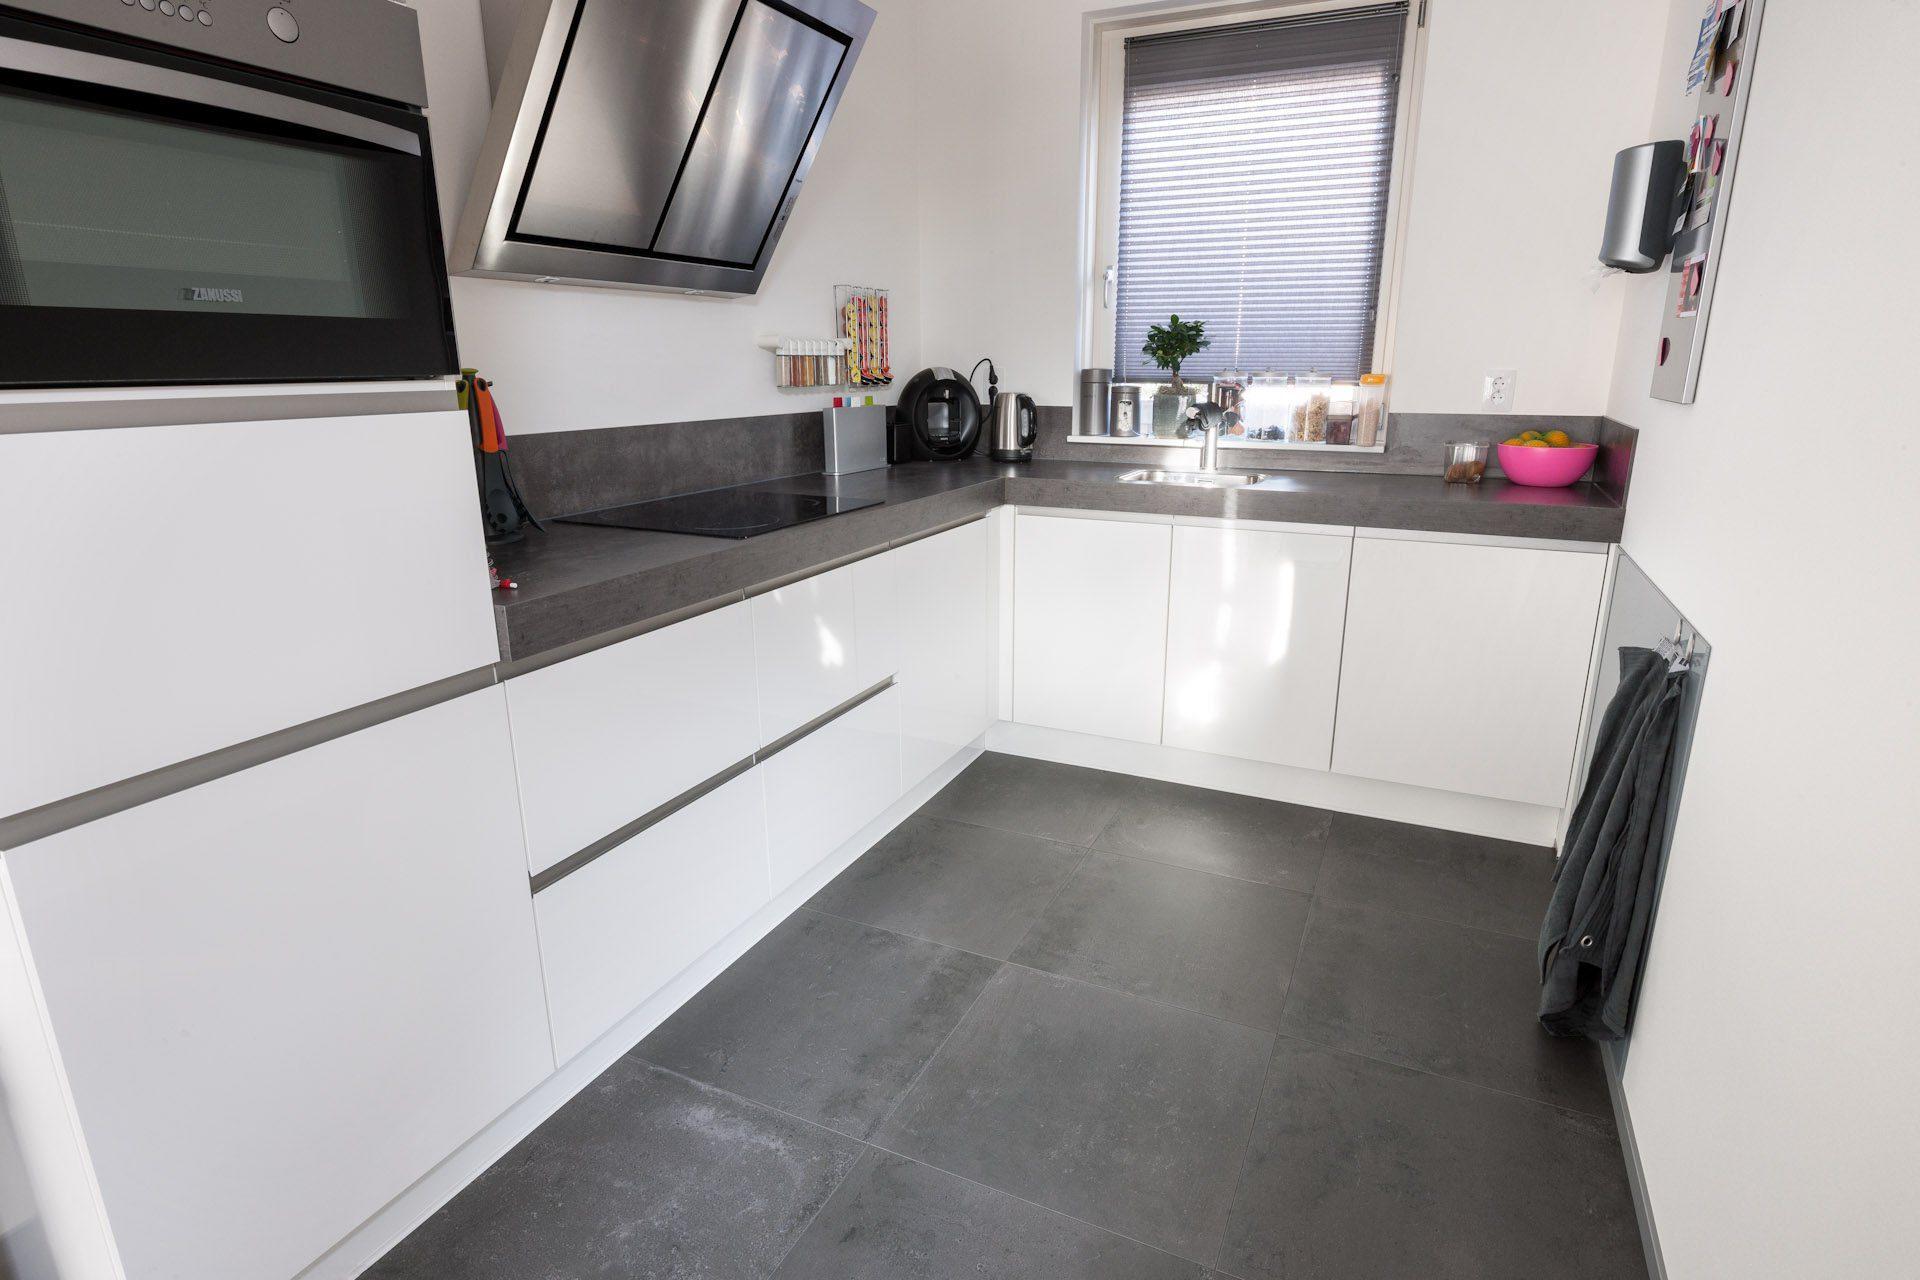 keuken tegels wit : Keukentegels Wandtegels Voor In De Keuken Kroon